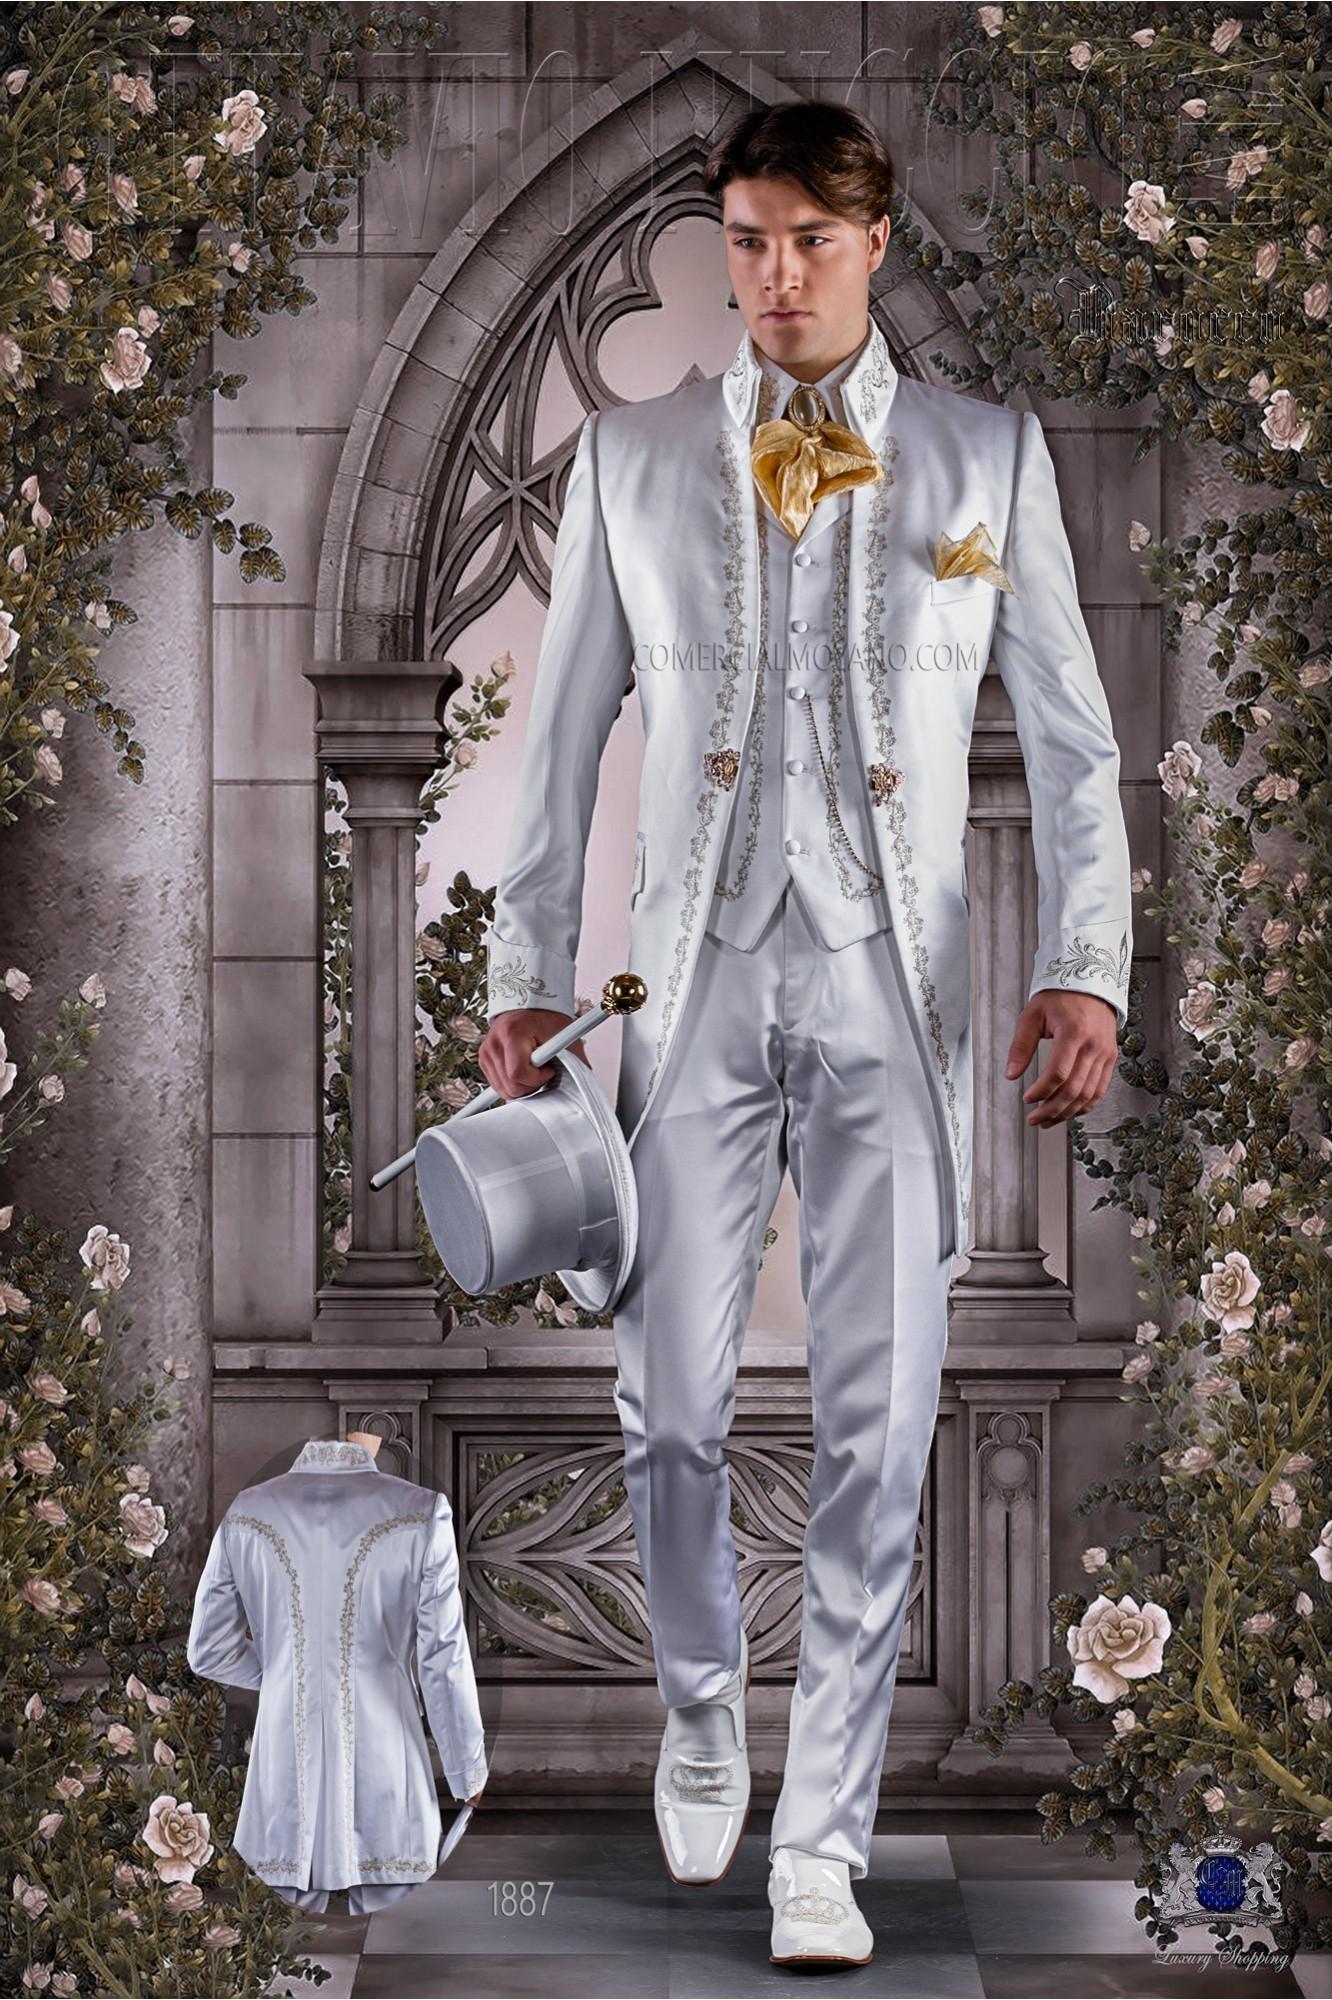 Traje de época redingote blanca de raso bordado oro.